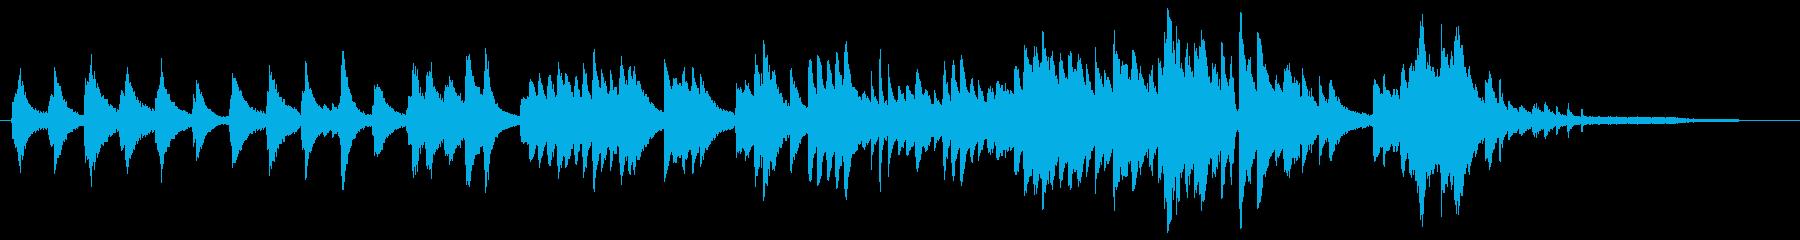 ピアノ、深夜、ラジオ放送時間調整、すき間の再生済みの波形